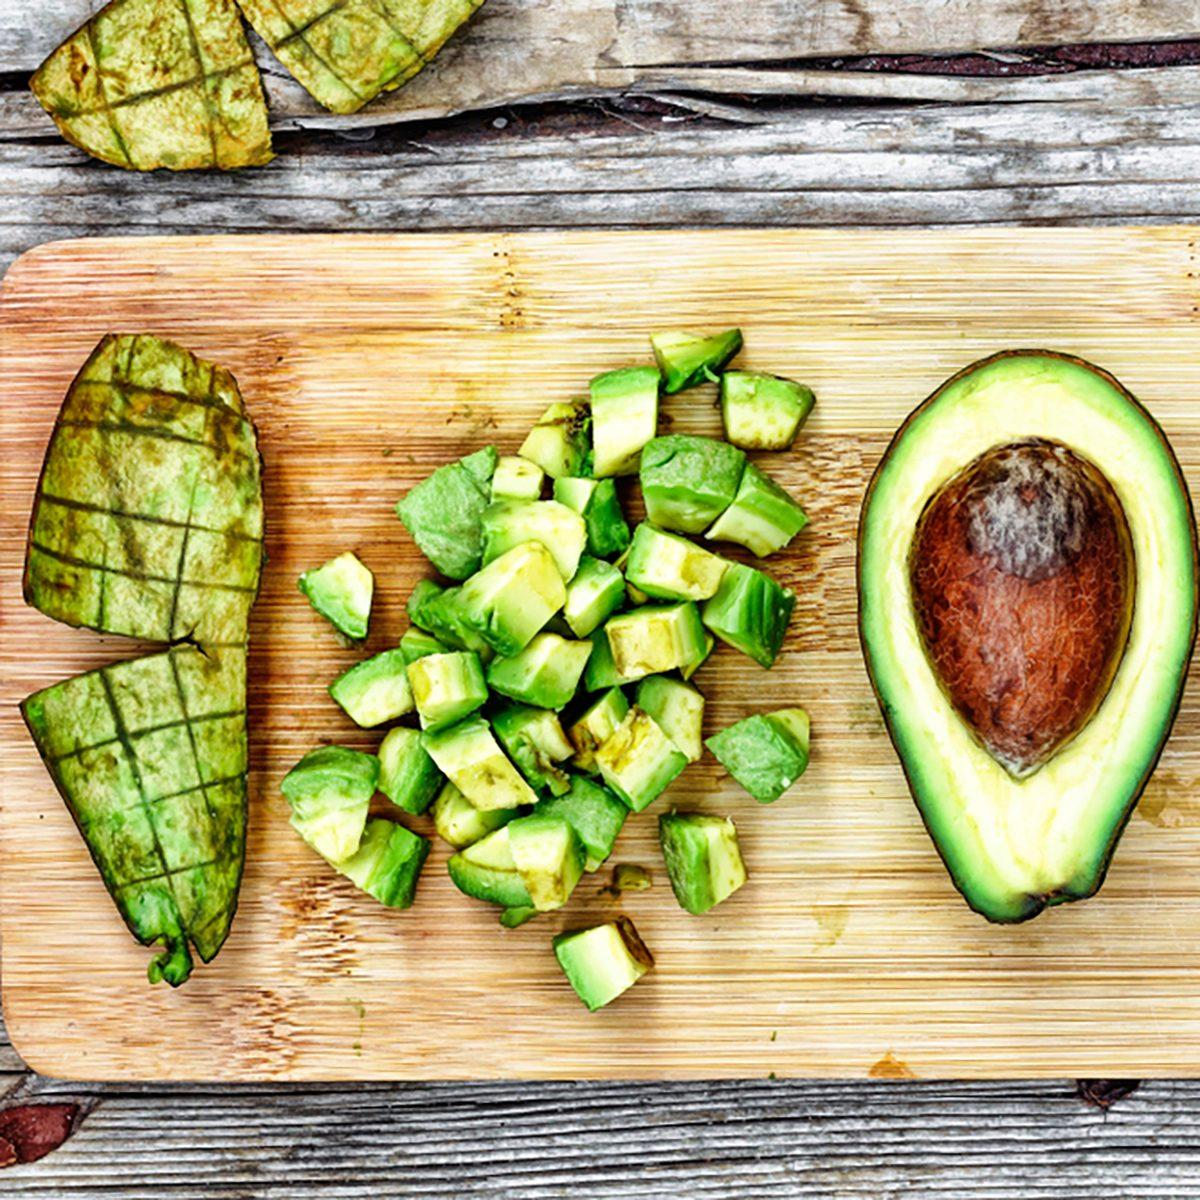 Closeup avocado. Avocado Sliced and diced for salads